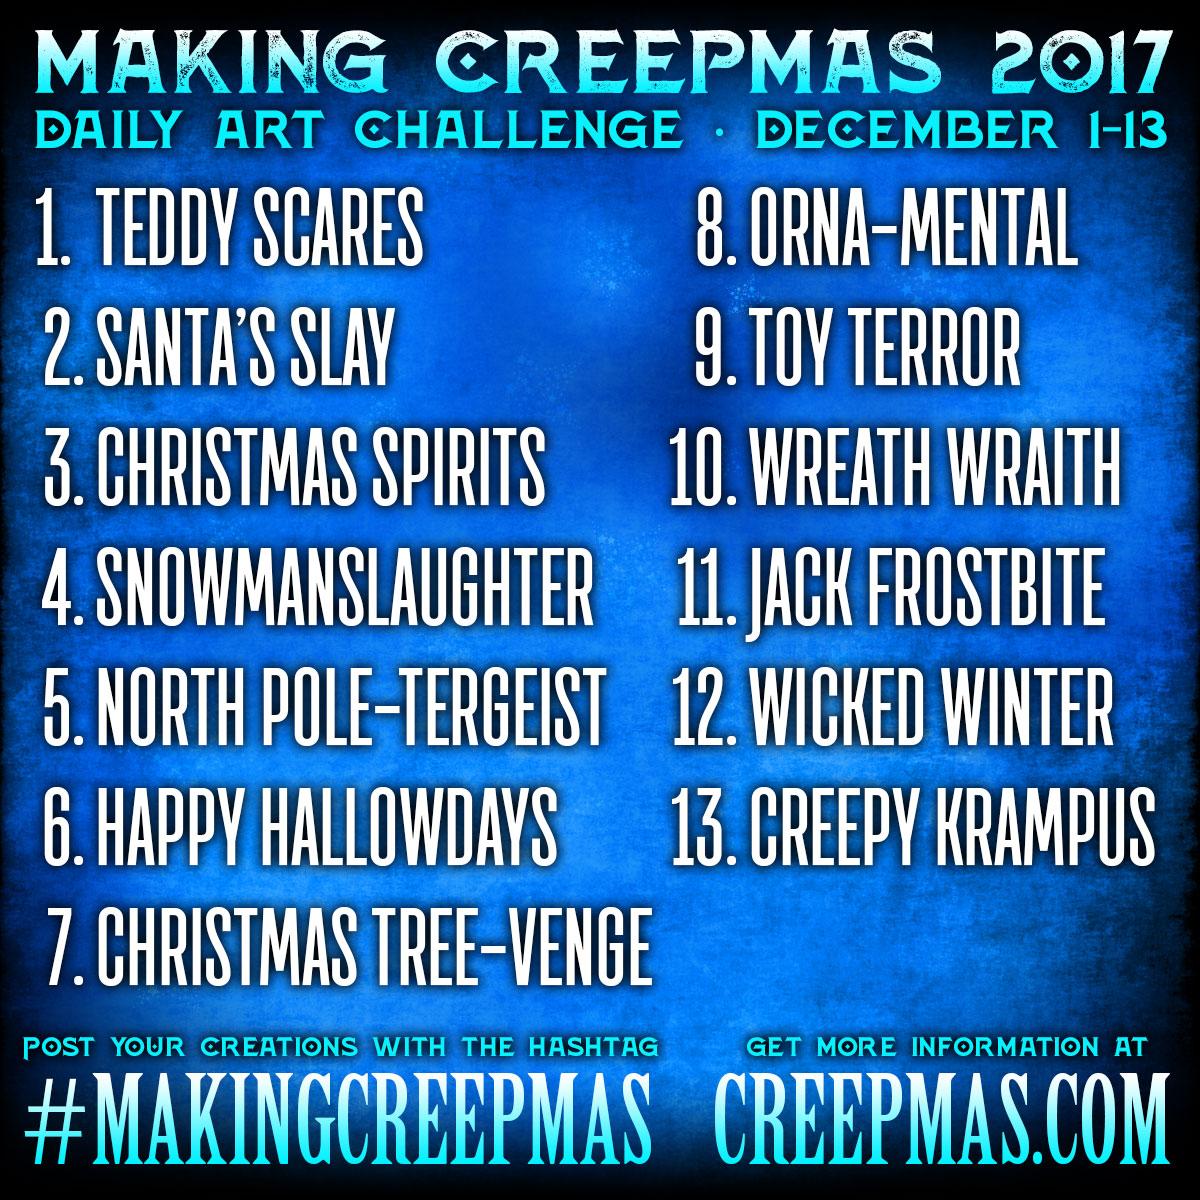 #MakingCreepmas 2017